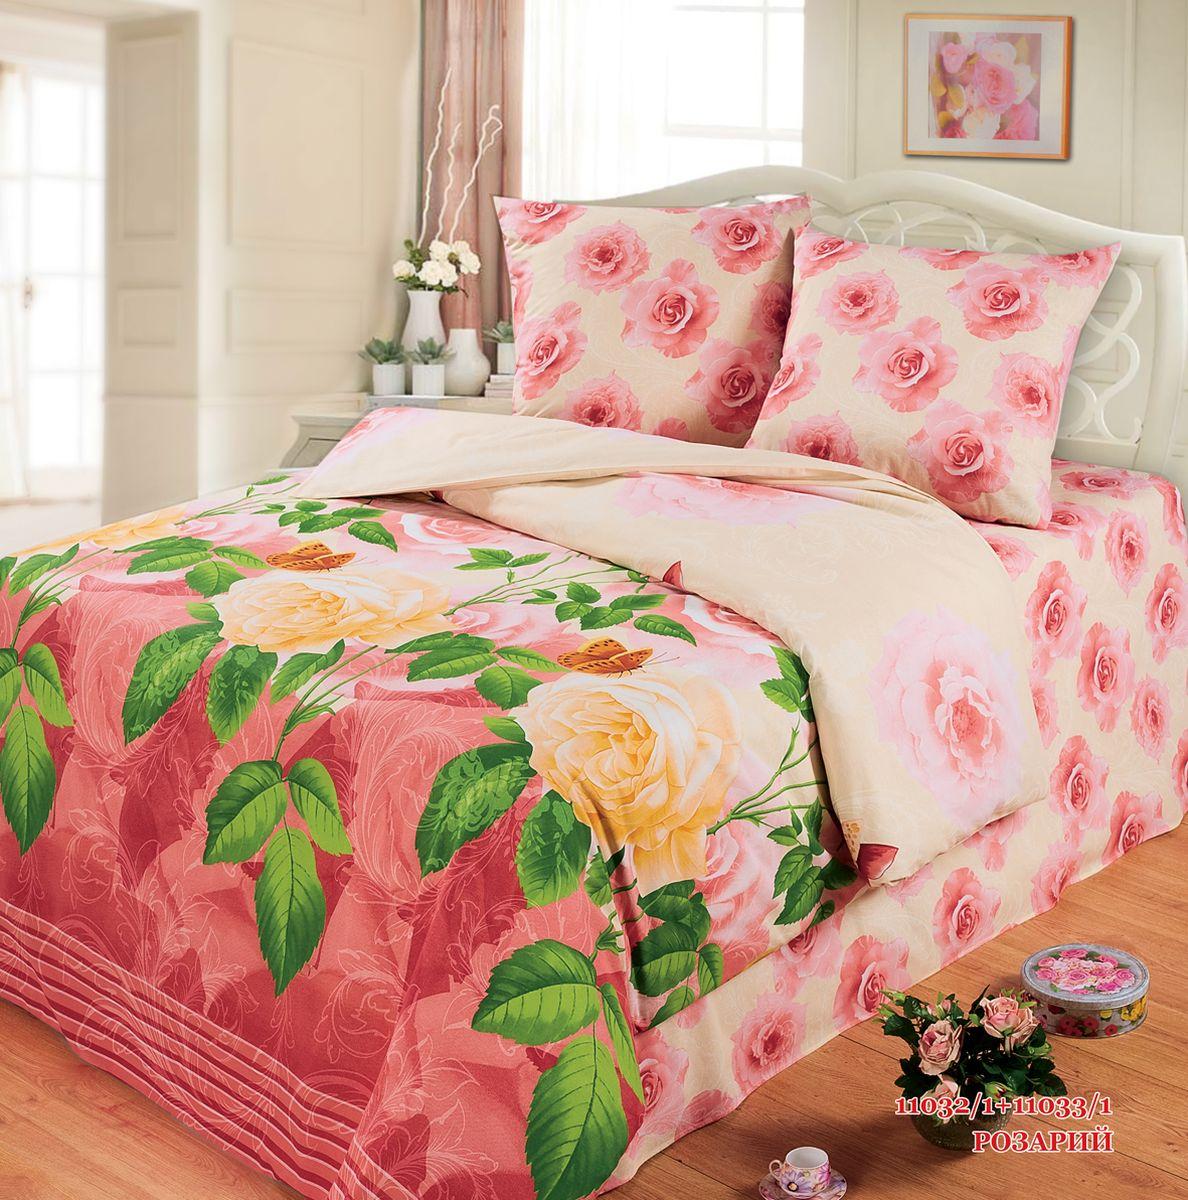 Комплект белья Любимый дом Розарий, 2-спальный, наволочки 70x70351155Комплект постельного белья коллекции Любимый дом выполнен из высококачественной ткани - из 100% хлопка. Такое белье абсолютно натуральное, гипоаллергенное, соответствует строжайшим экологическим нормам безопасности, комфортное, дышащее, не нарушает естественные процессы терморегуляции, прочное, не линяет, не деформируется и не теряет своих красок даже после многочисленных стирок, а также отличается хорошей износостойкостью.